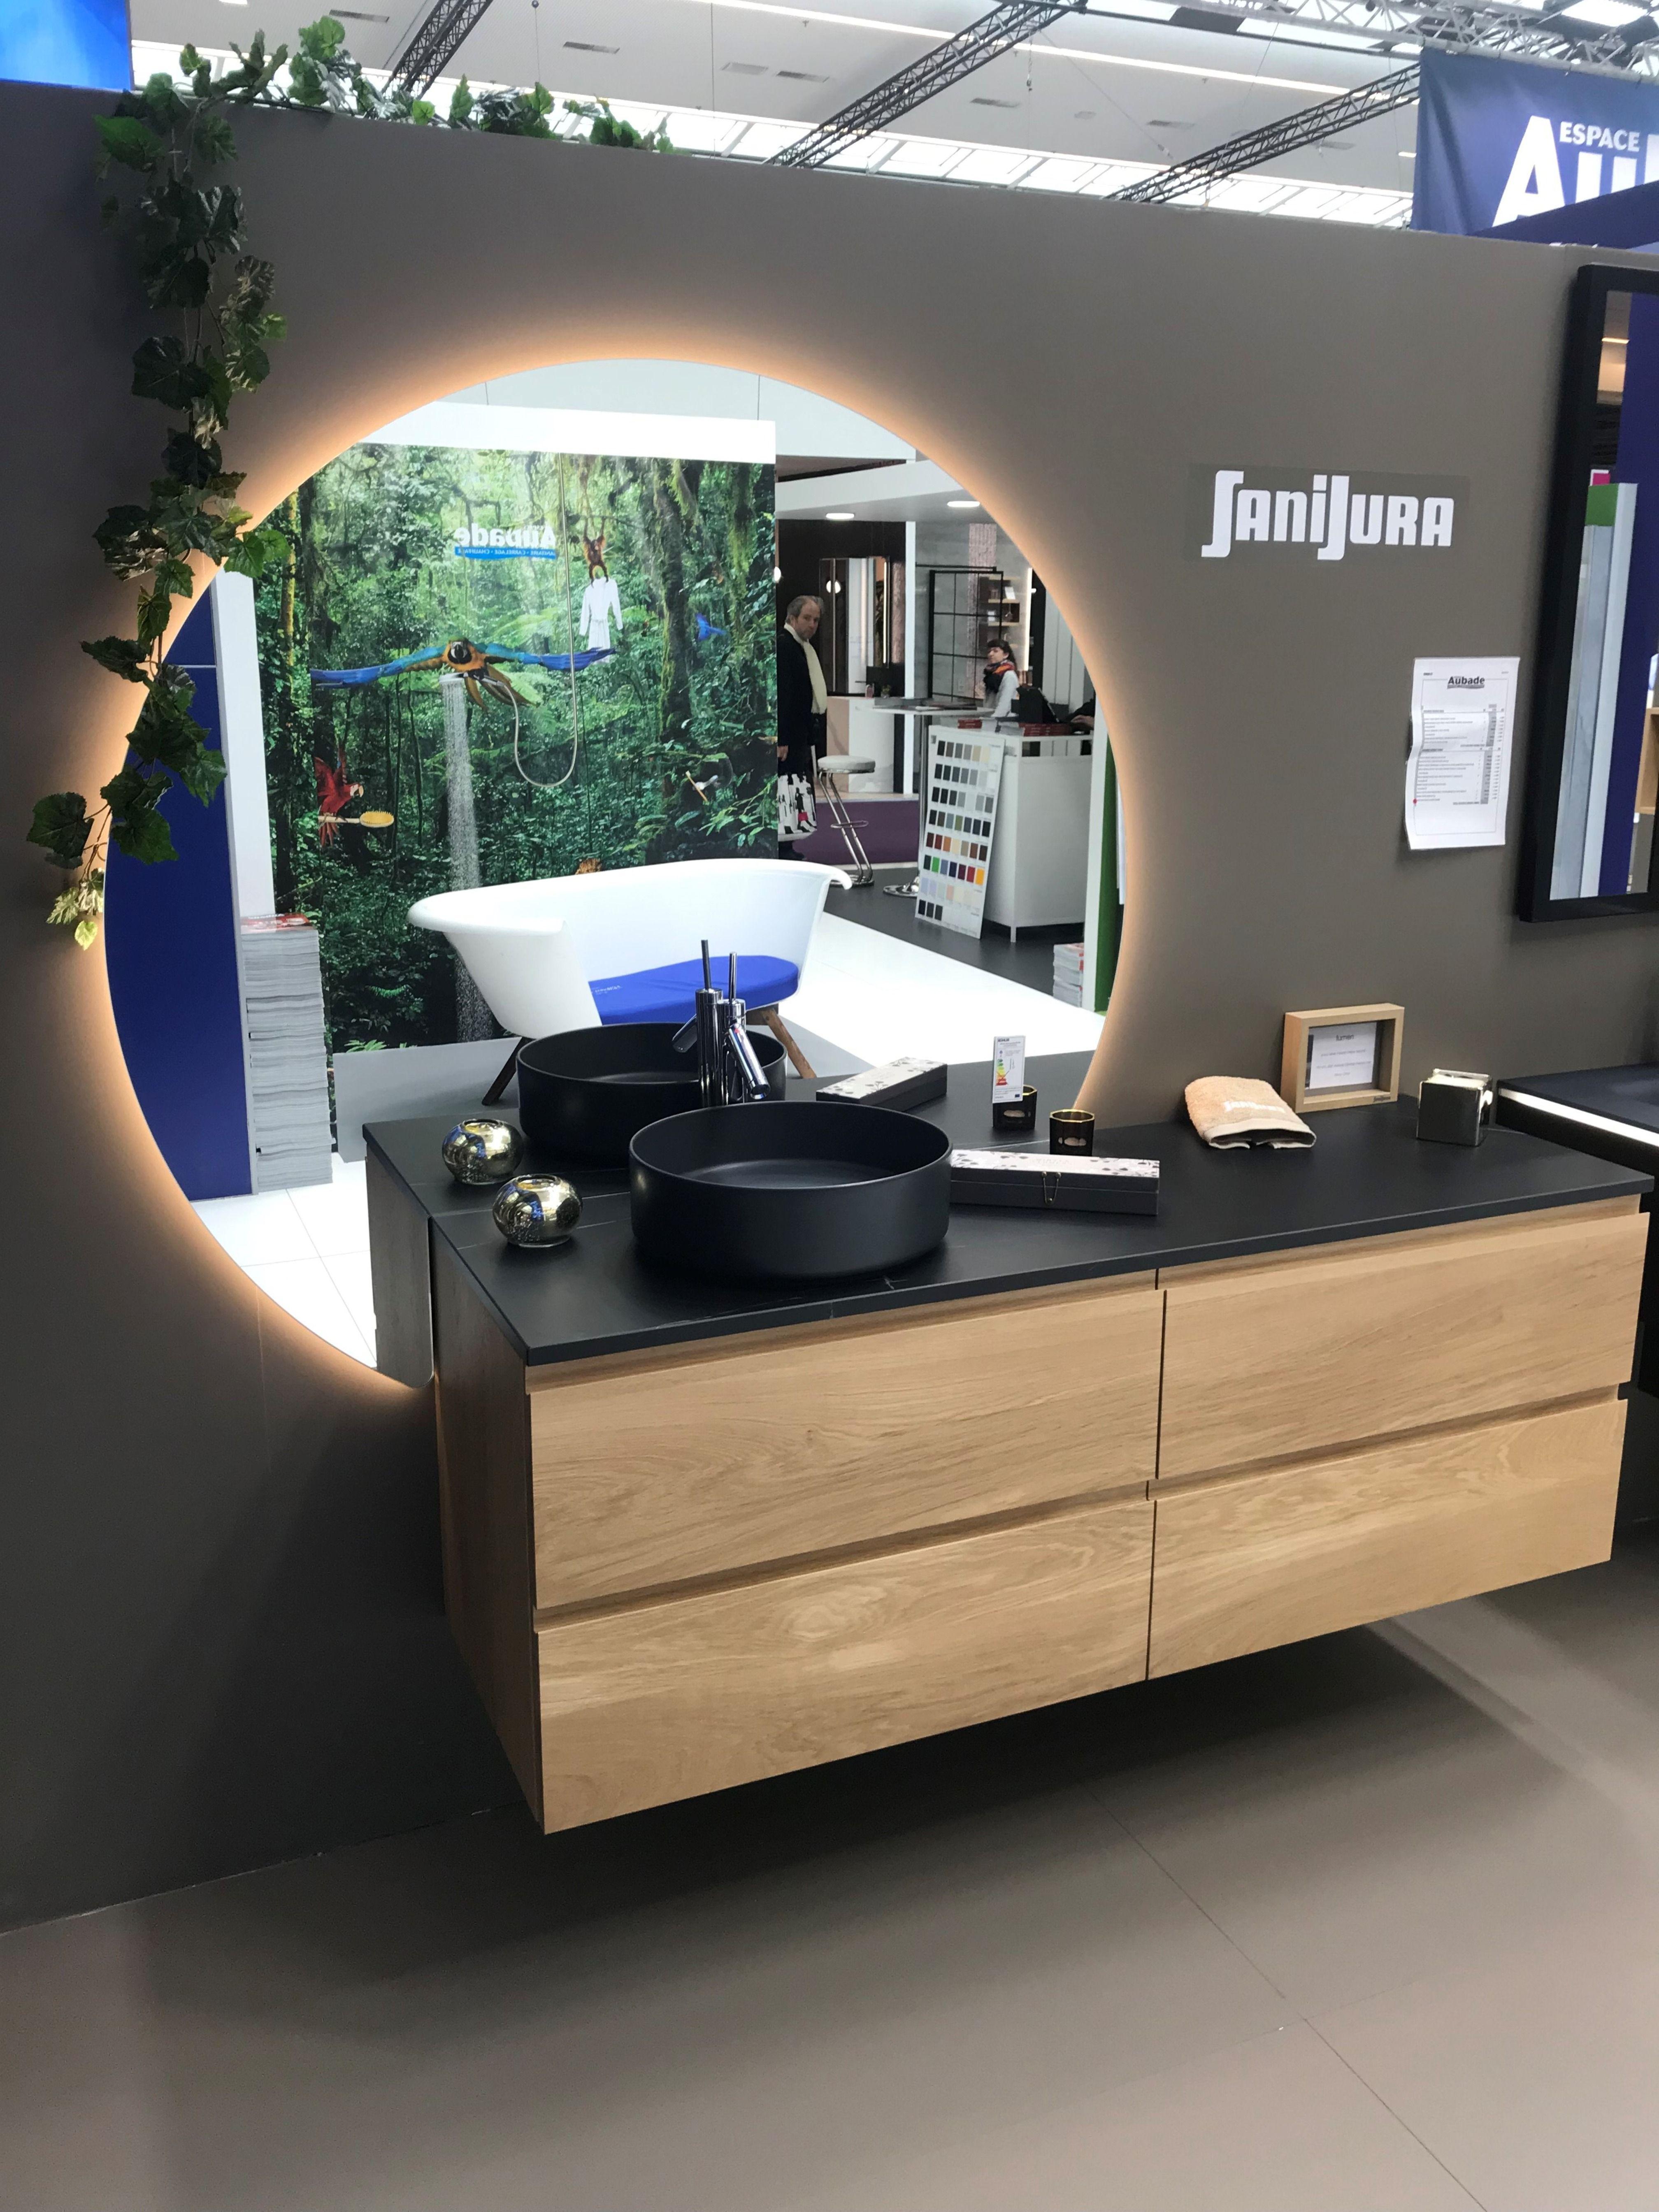 Miroir Orbe Et Meuble Vasque En Bois Meuble Salle De Bain Idee Salle De Bain Meuble Salle De Bain Ikea